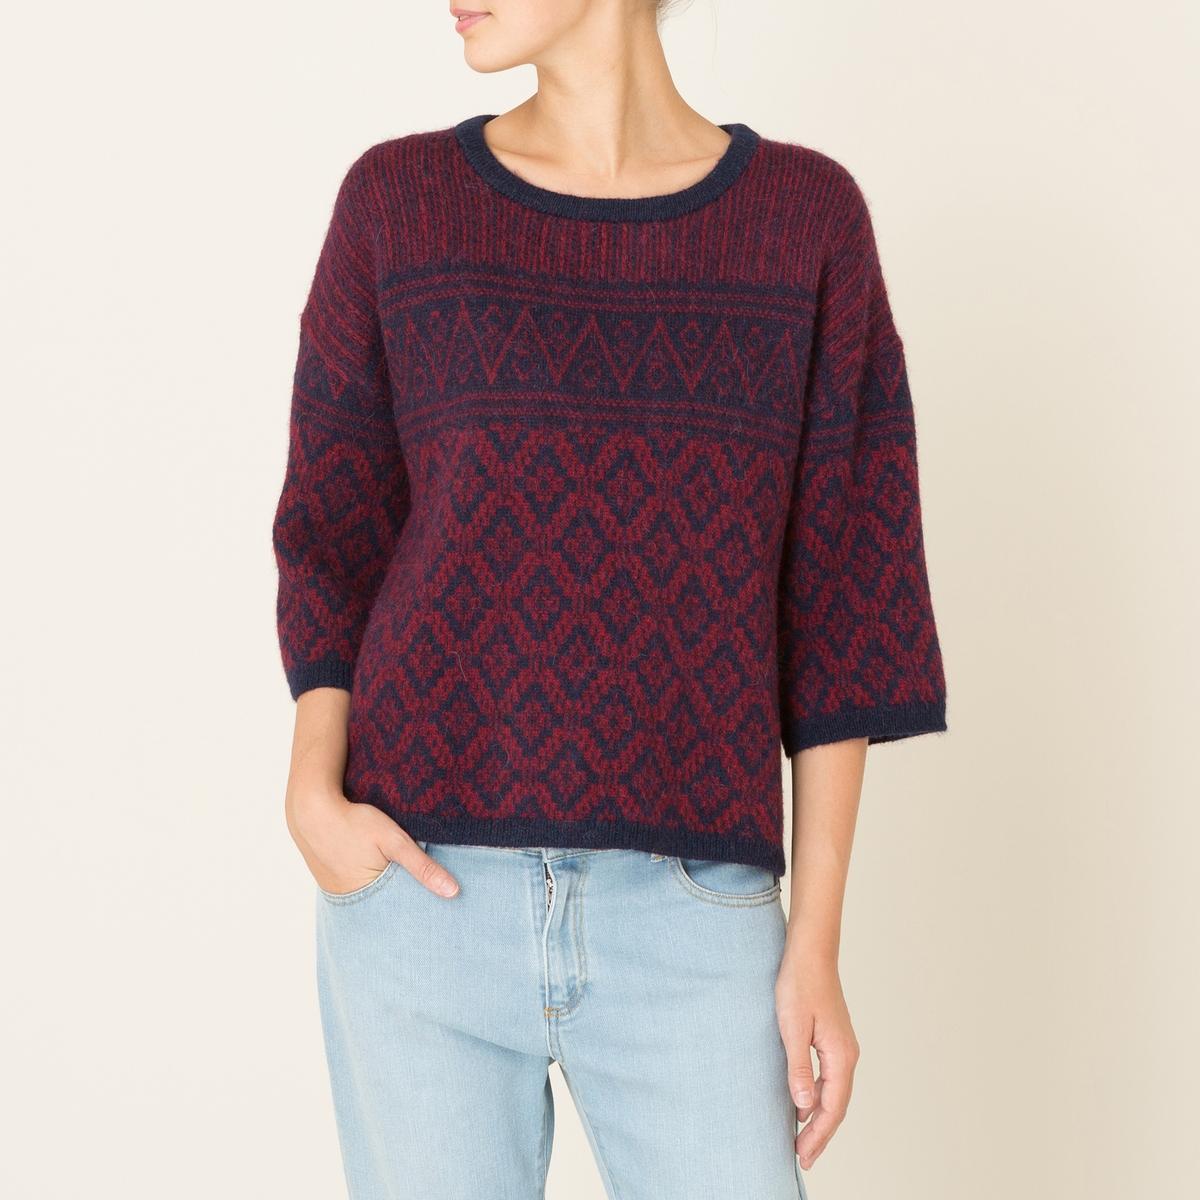 Пуловер TIGERПуловер HARRIS WILSON - модель TIGER. Пуловер объемного покроя из жаккардового трикотажа. Круглый вырез. Рукава 3/4. Прямой низ. Состав и описание Материал : 53% полиамида, 28% альпаки, 19% шерстиМарка : HARRIS WILSON<br><br>Цвет: темно-синий